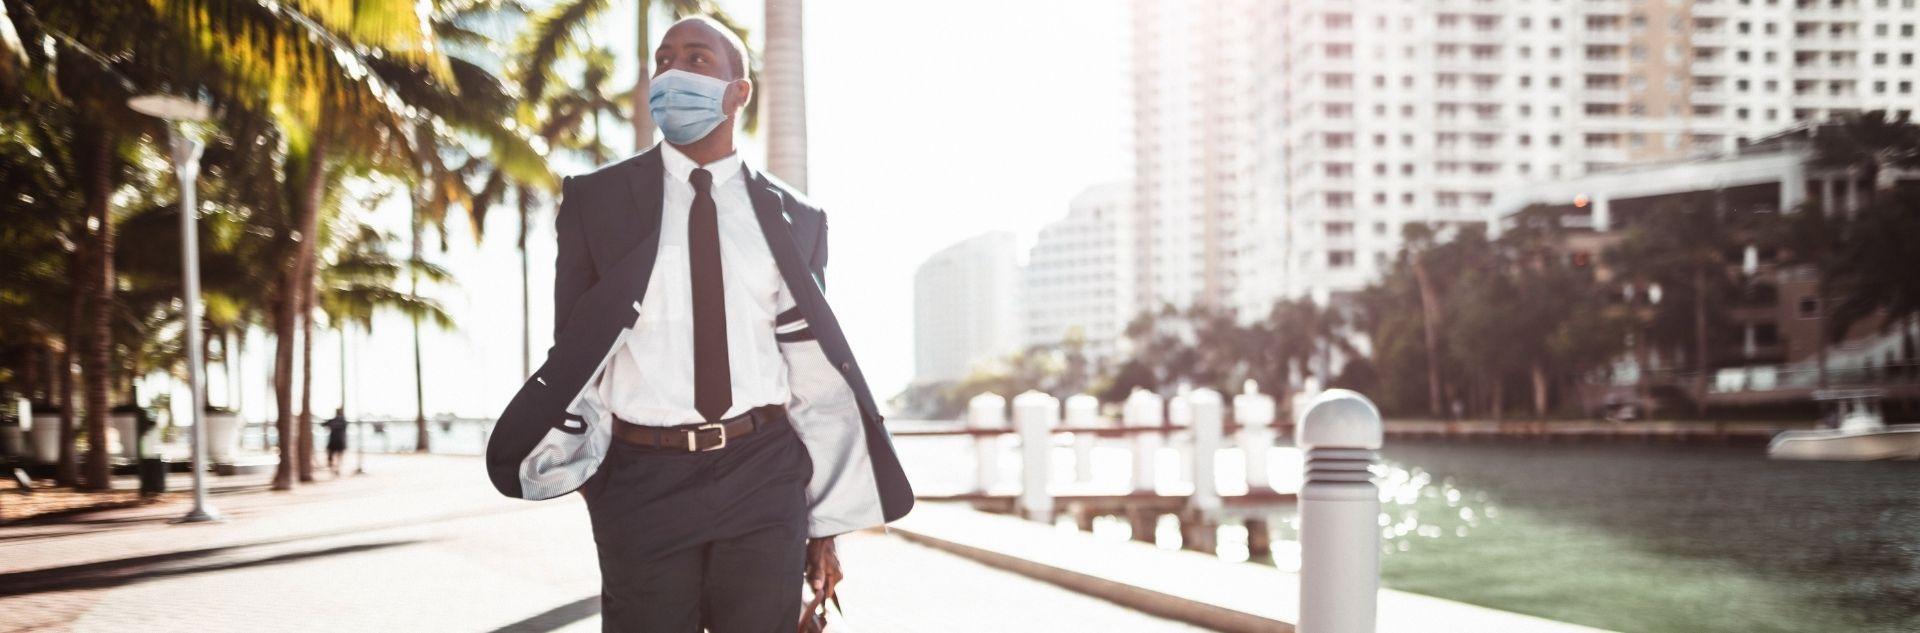 Bleisure Traveller Geschäftsmann mit Maske in der City